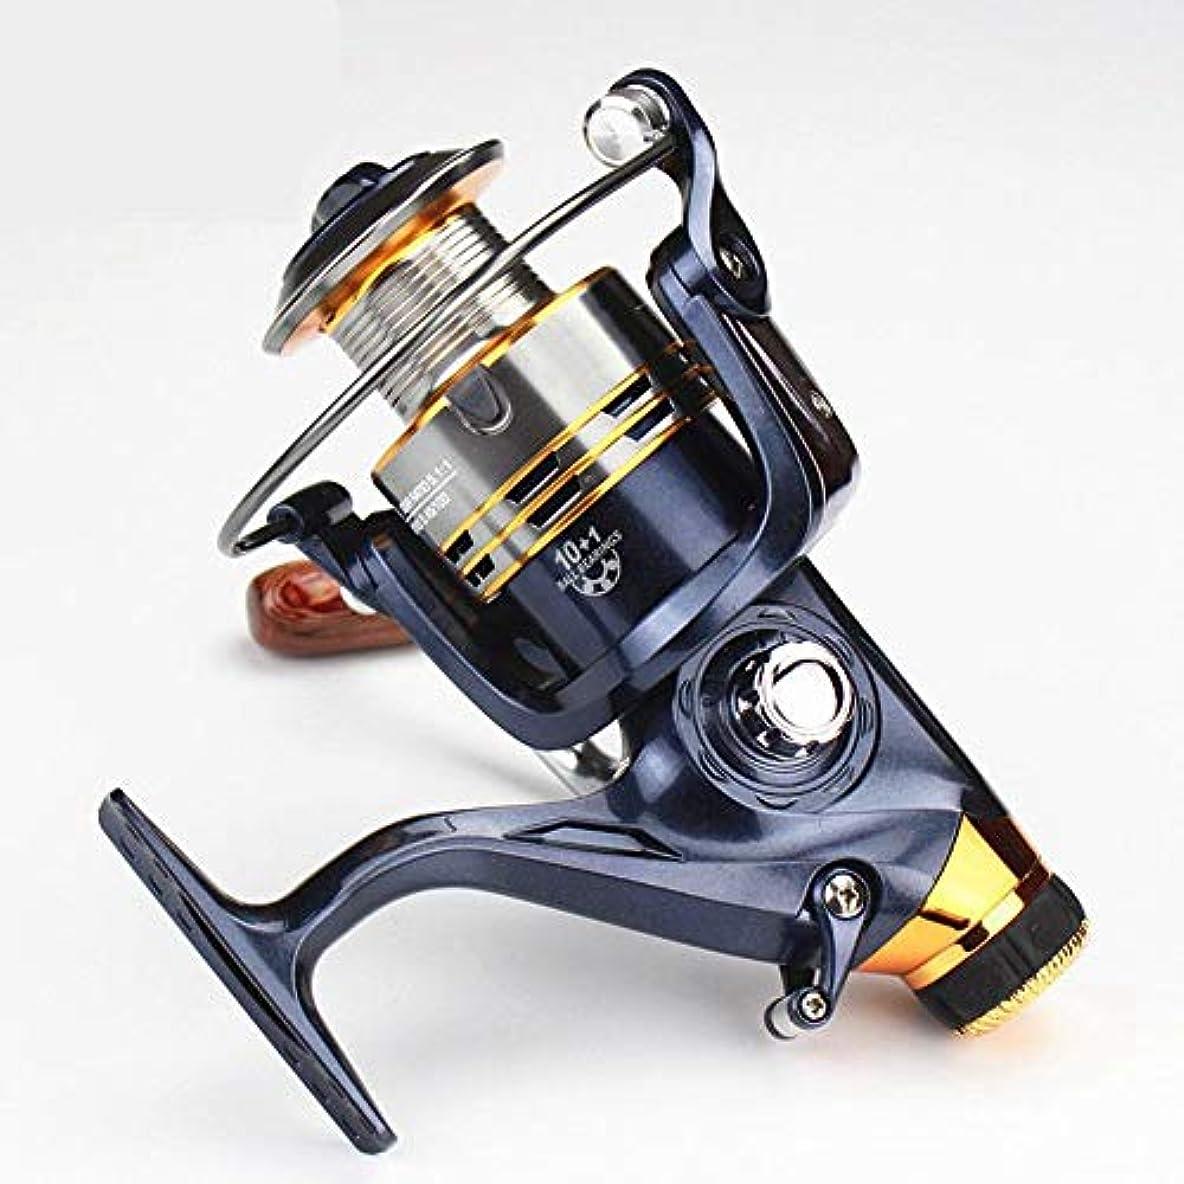 好奇心くすぐったいチャレンジYESONEEP フロントとリアのブレーキリールイカホイール釣りリールスピニングホイール鯛釣りホイール (Size : SW6000)